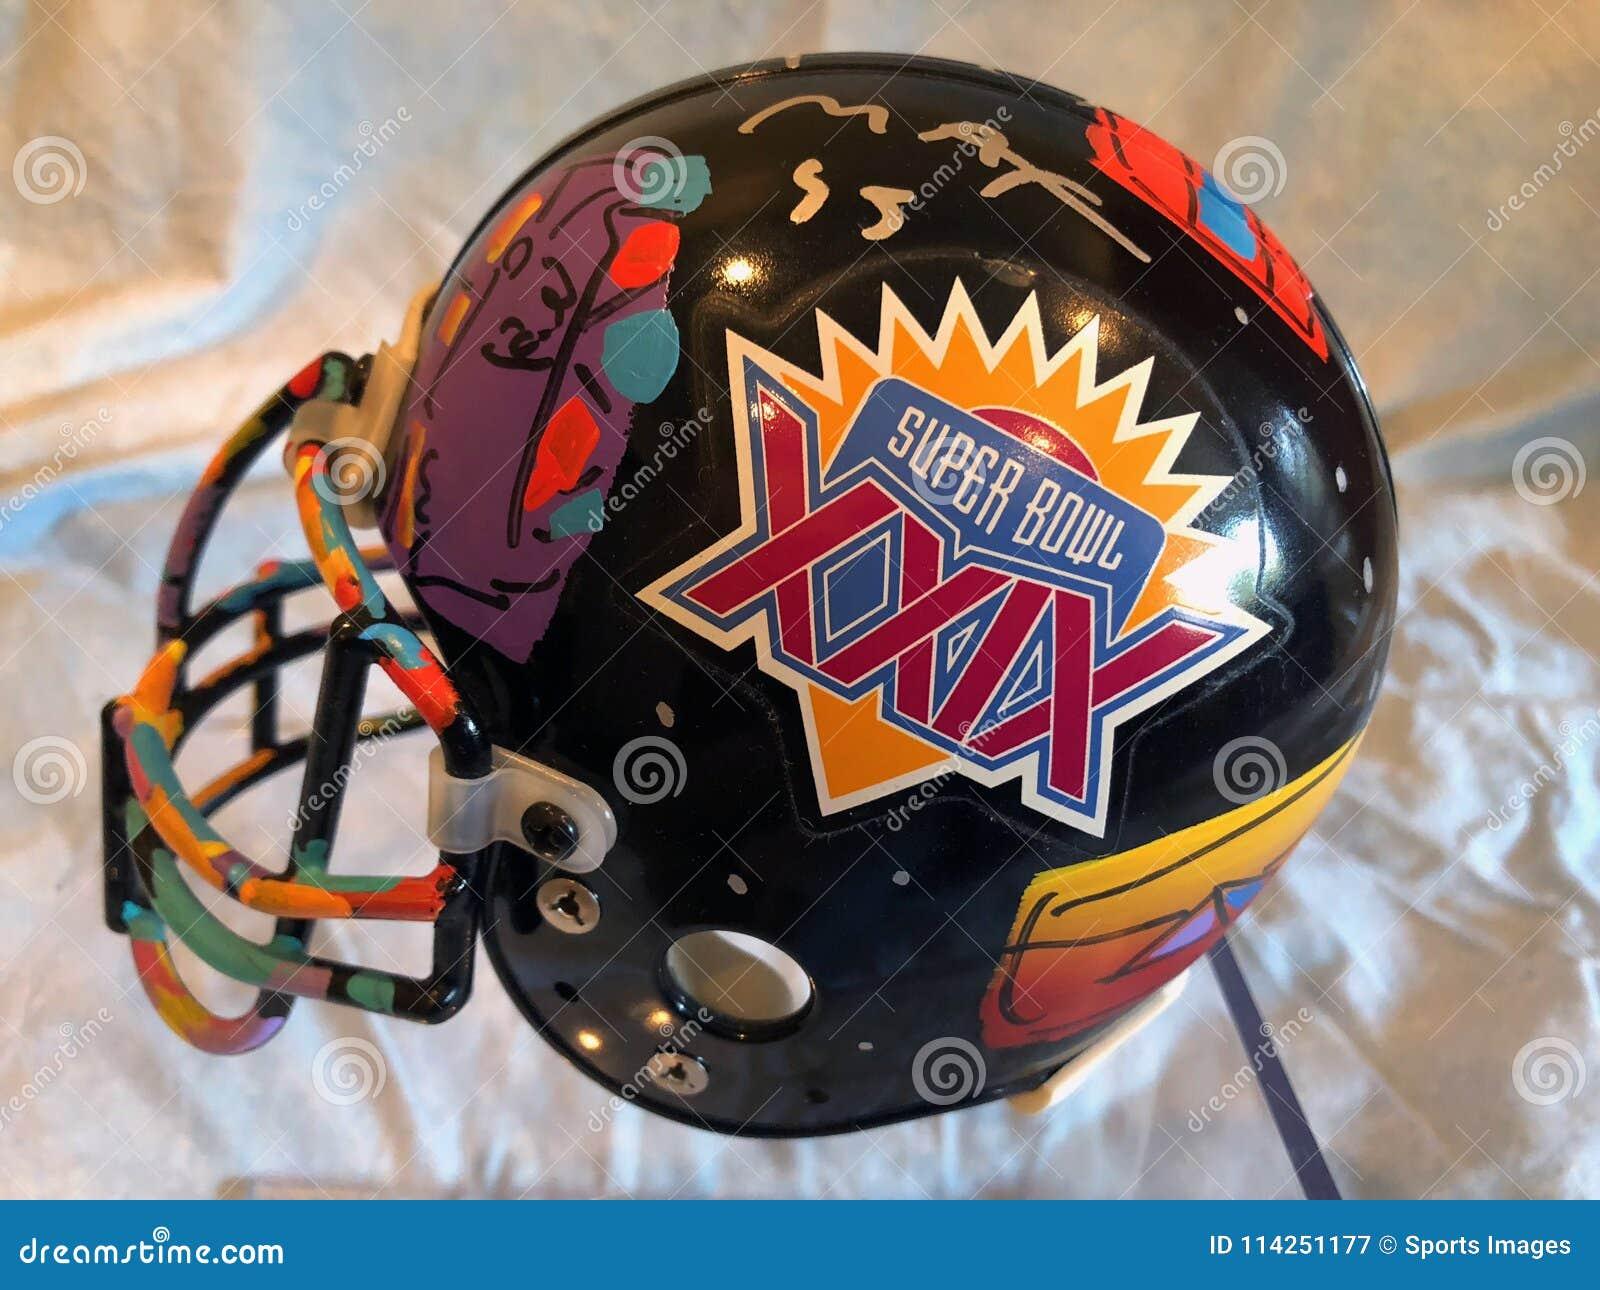 Peter Max Super Bowl XXIX Helmet